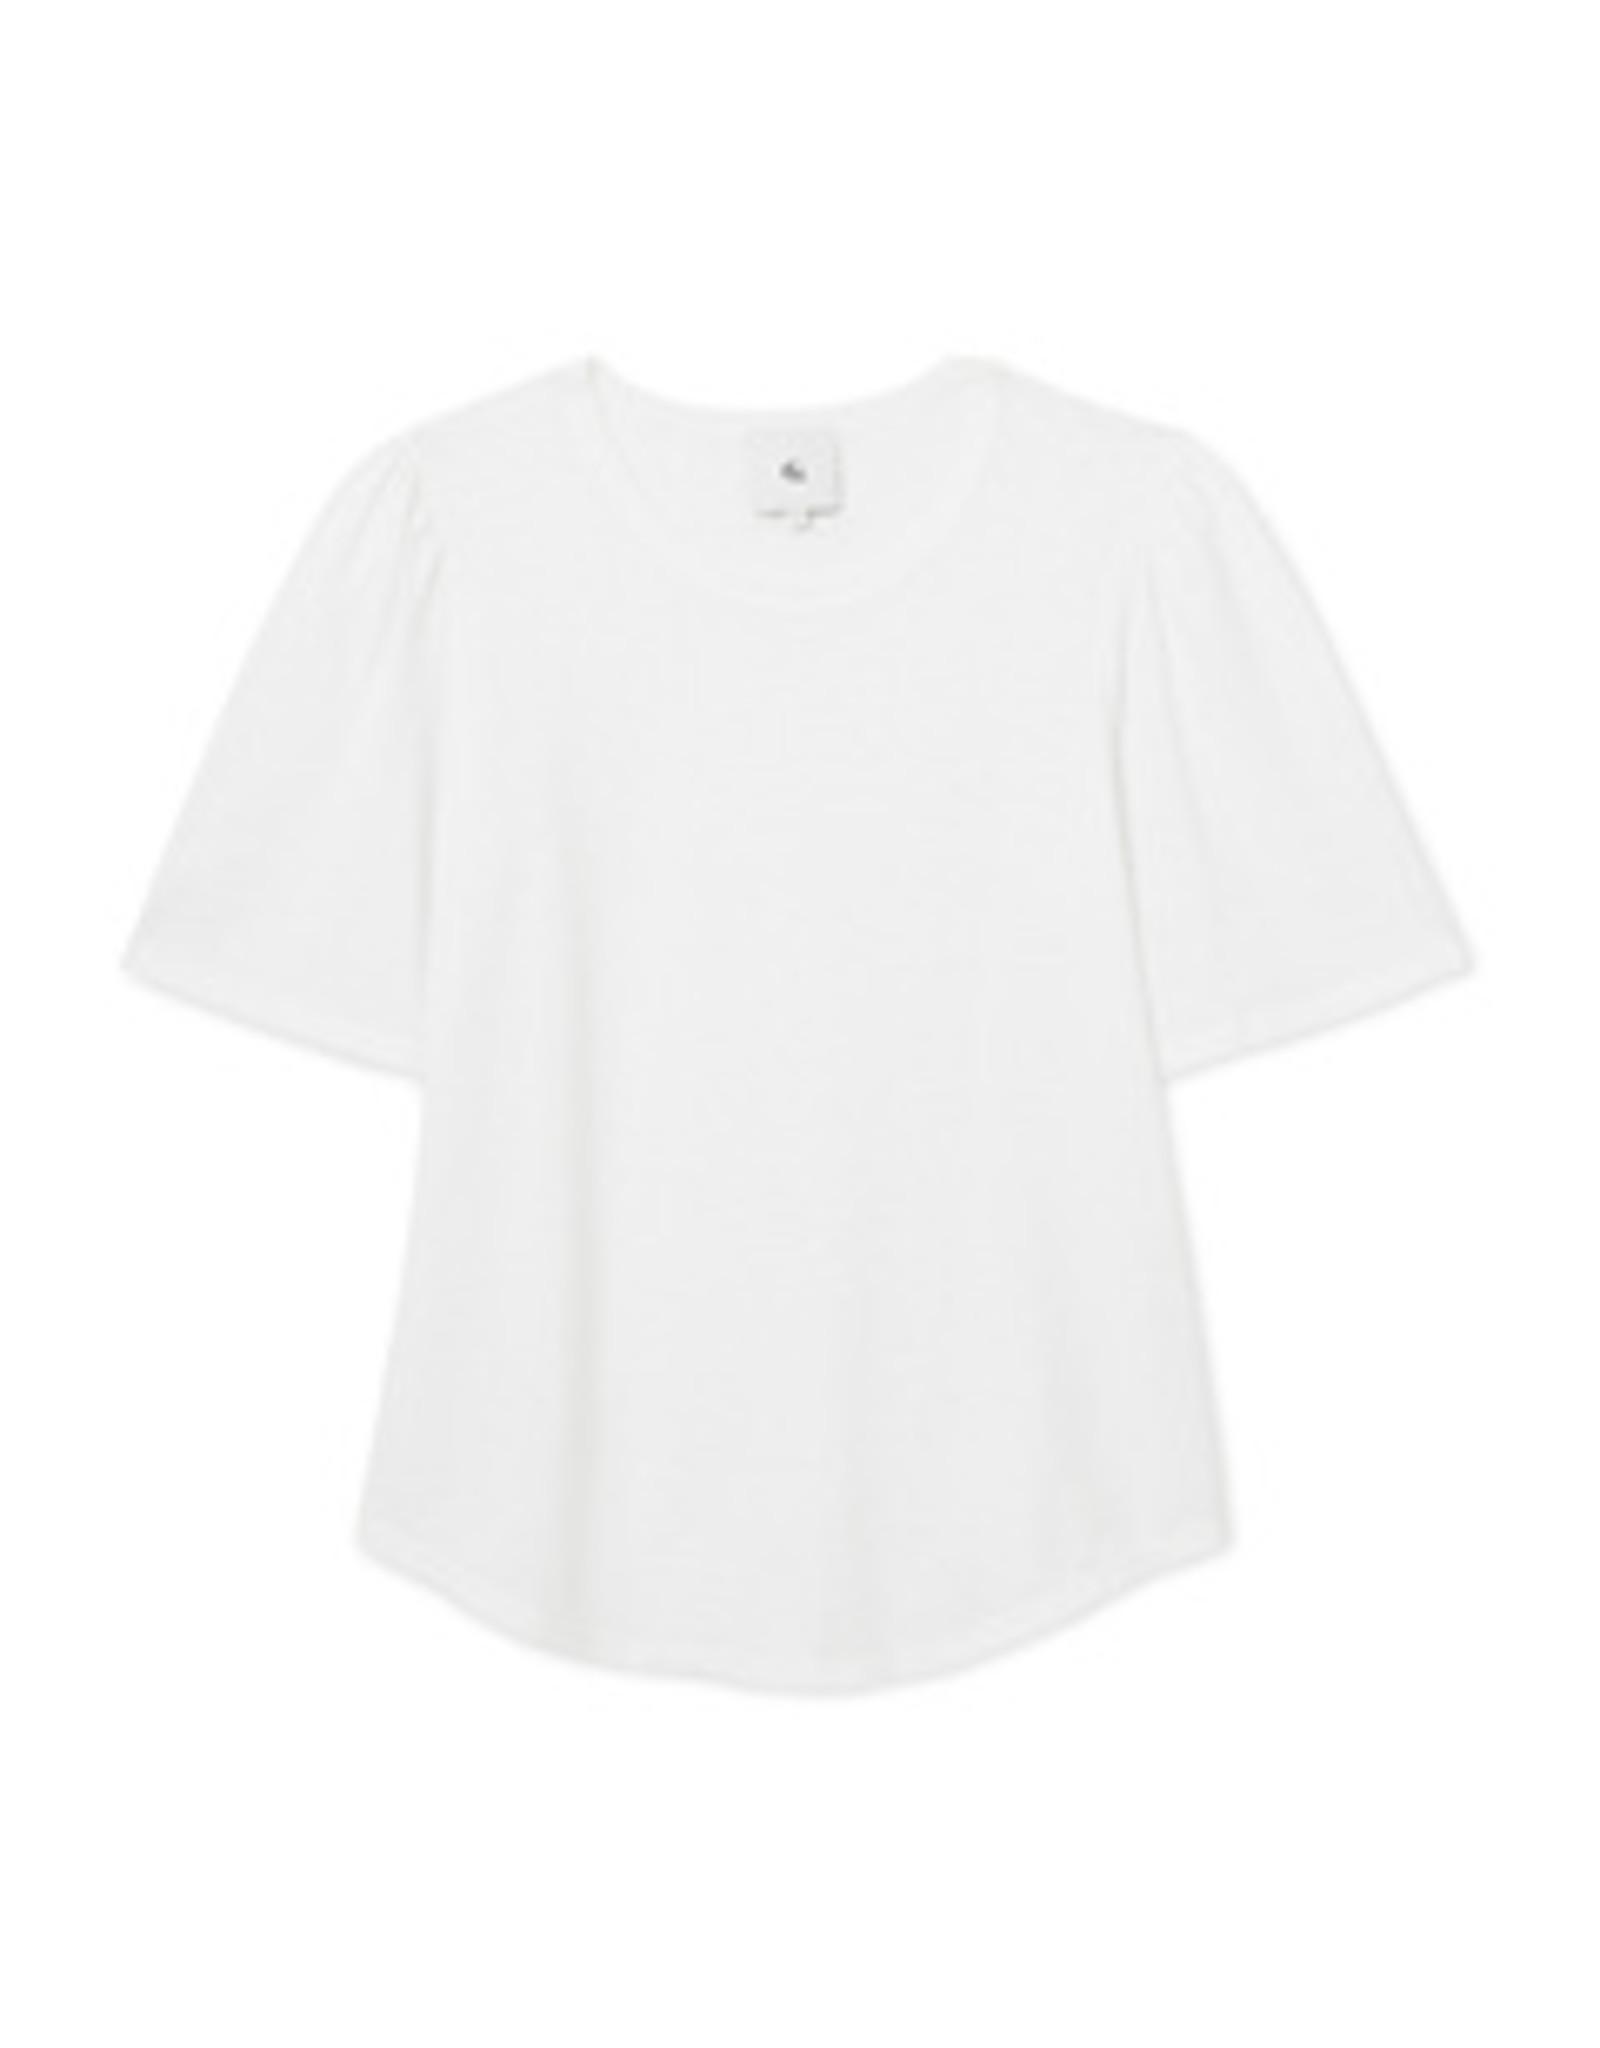 G. Label G. Label Jordan Tee Core (Color: White, Size: XL)